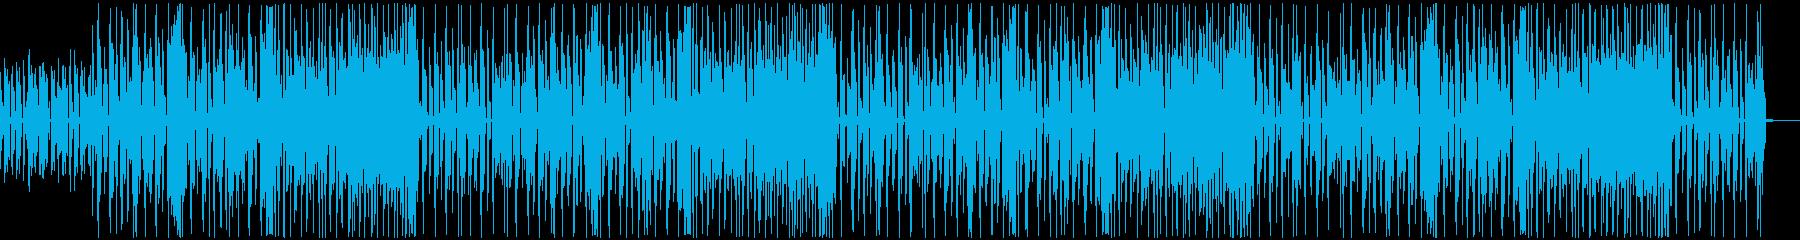 かわいいほのぼのBGMの再生済みの波形